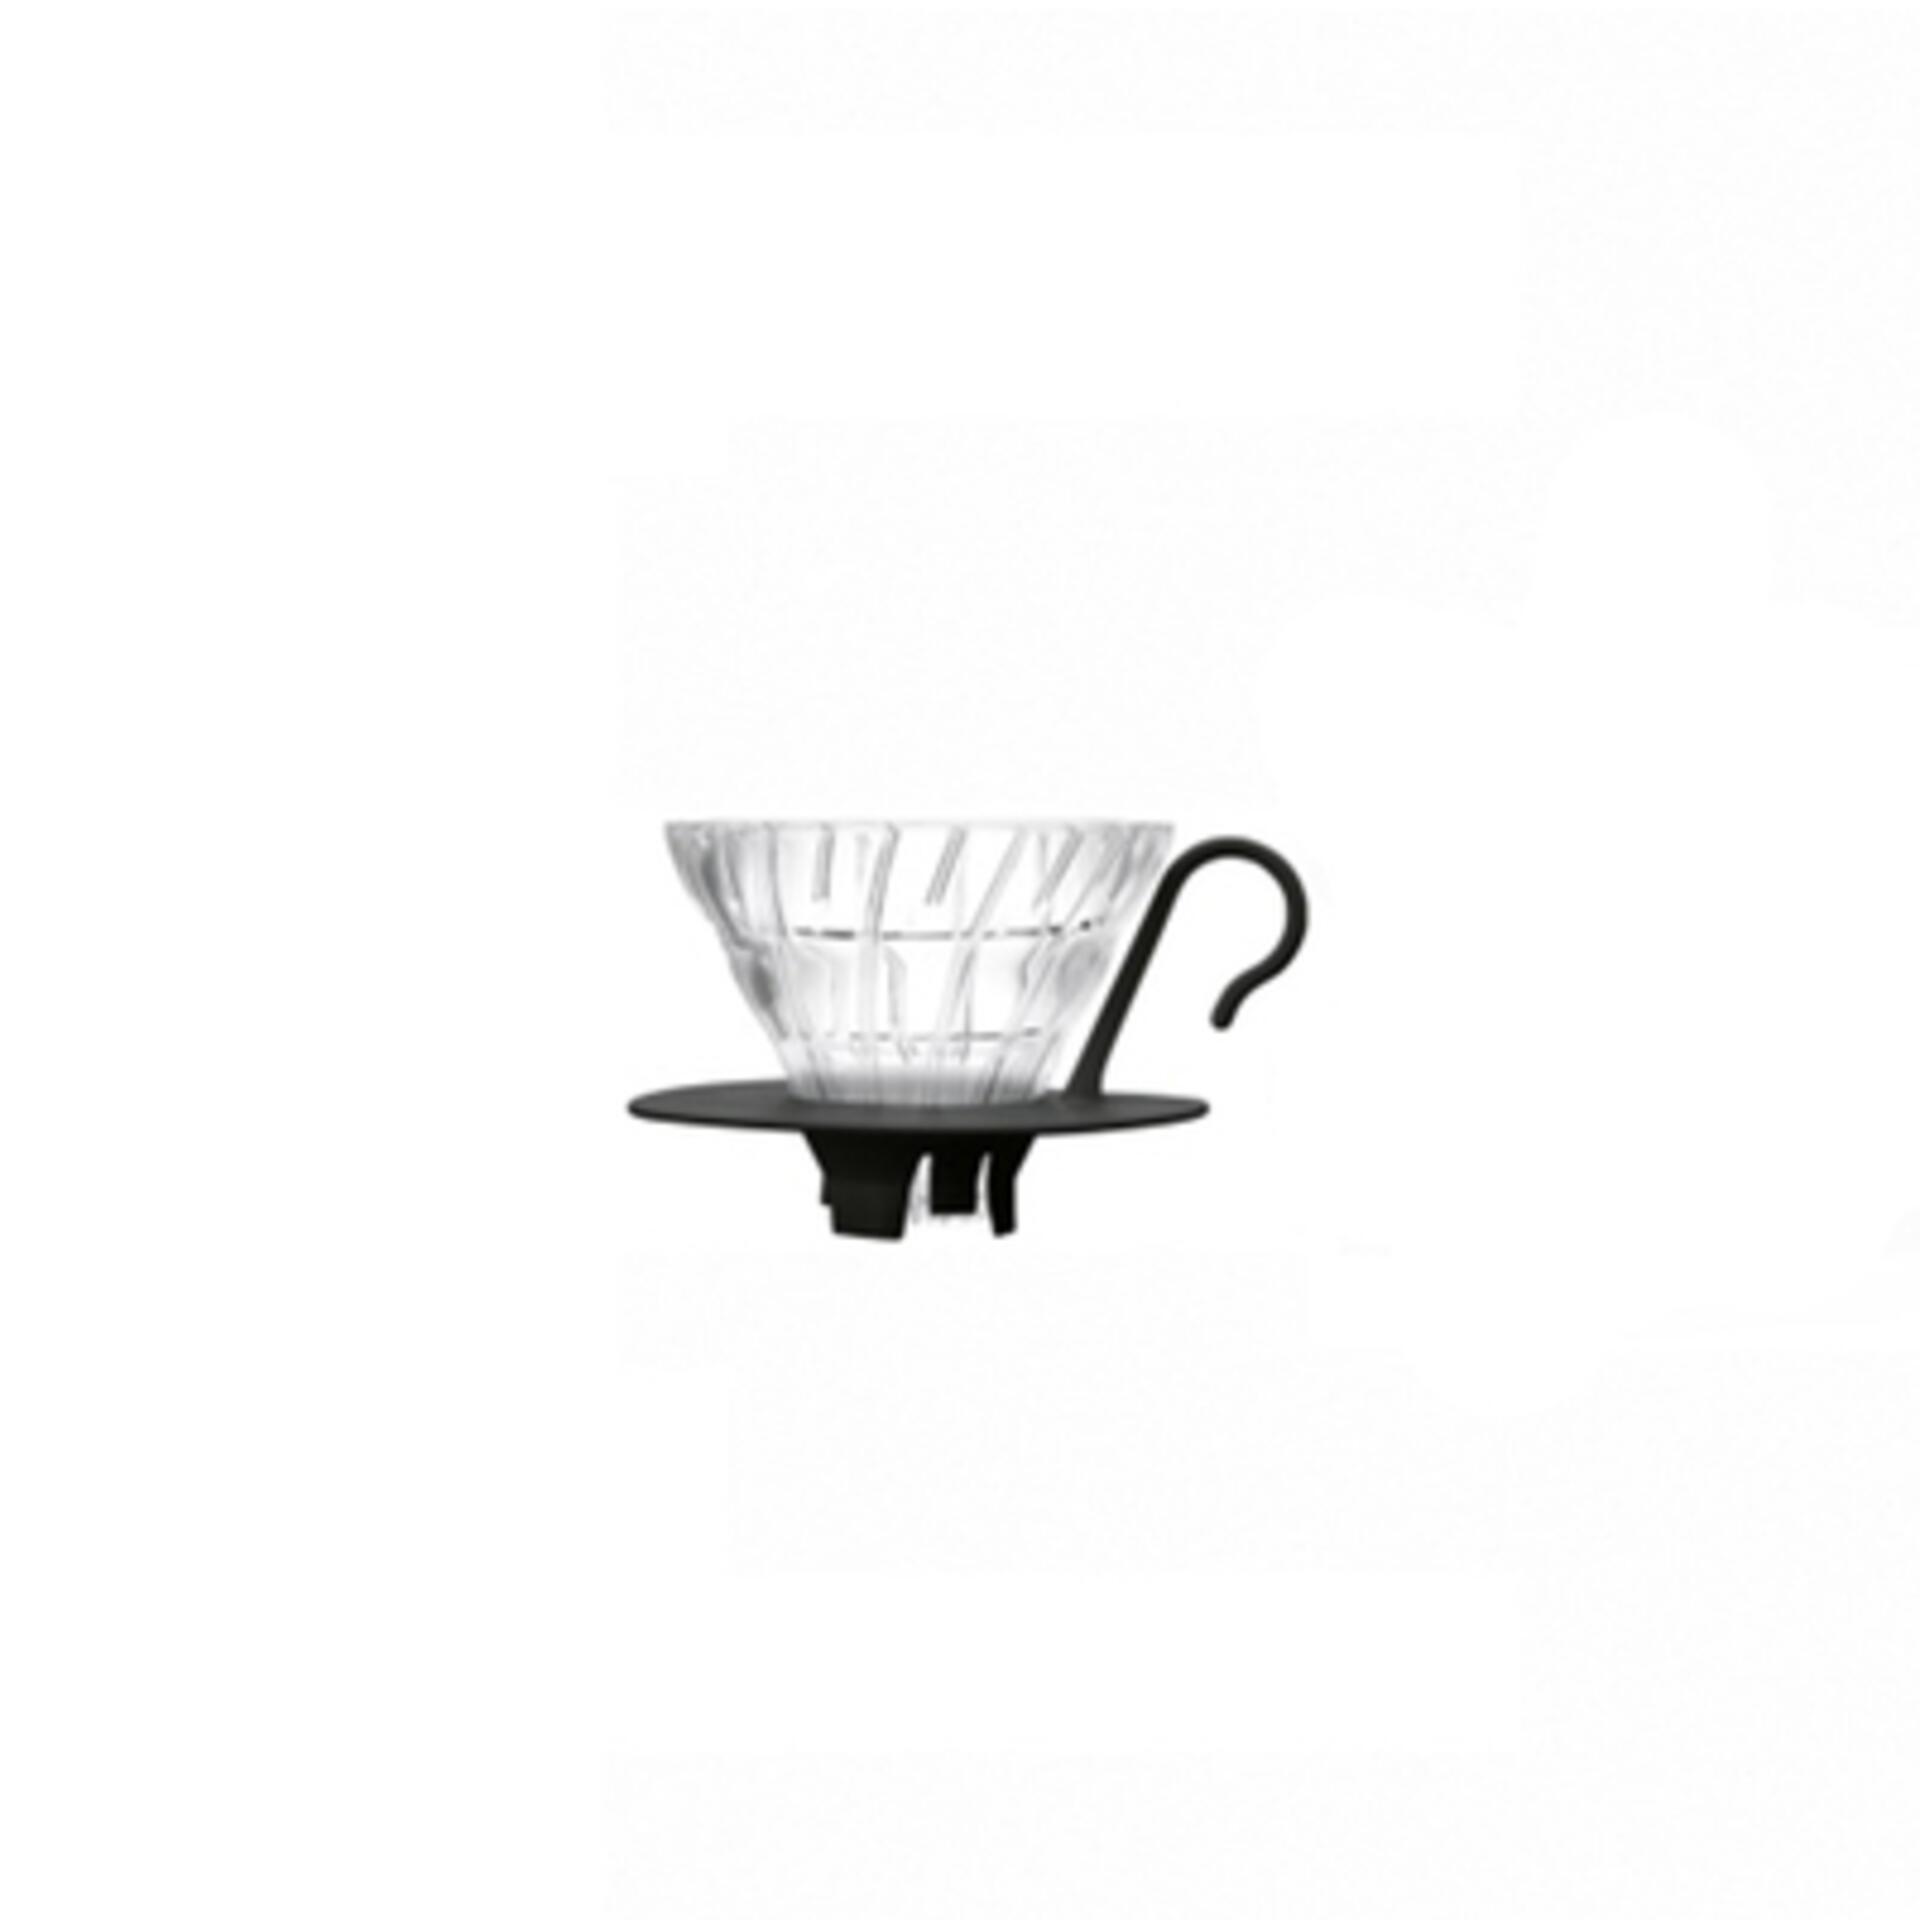 Hario Kaffeefilter V60 Glas Gr. 03